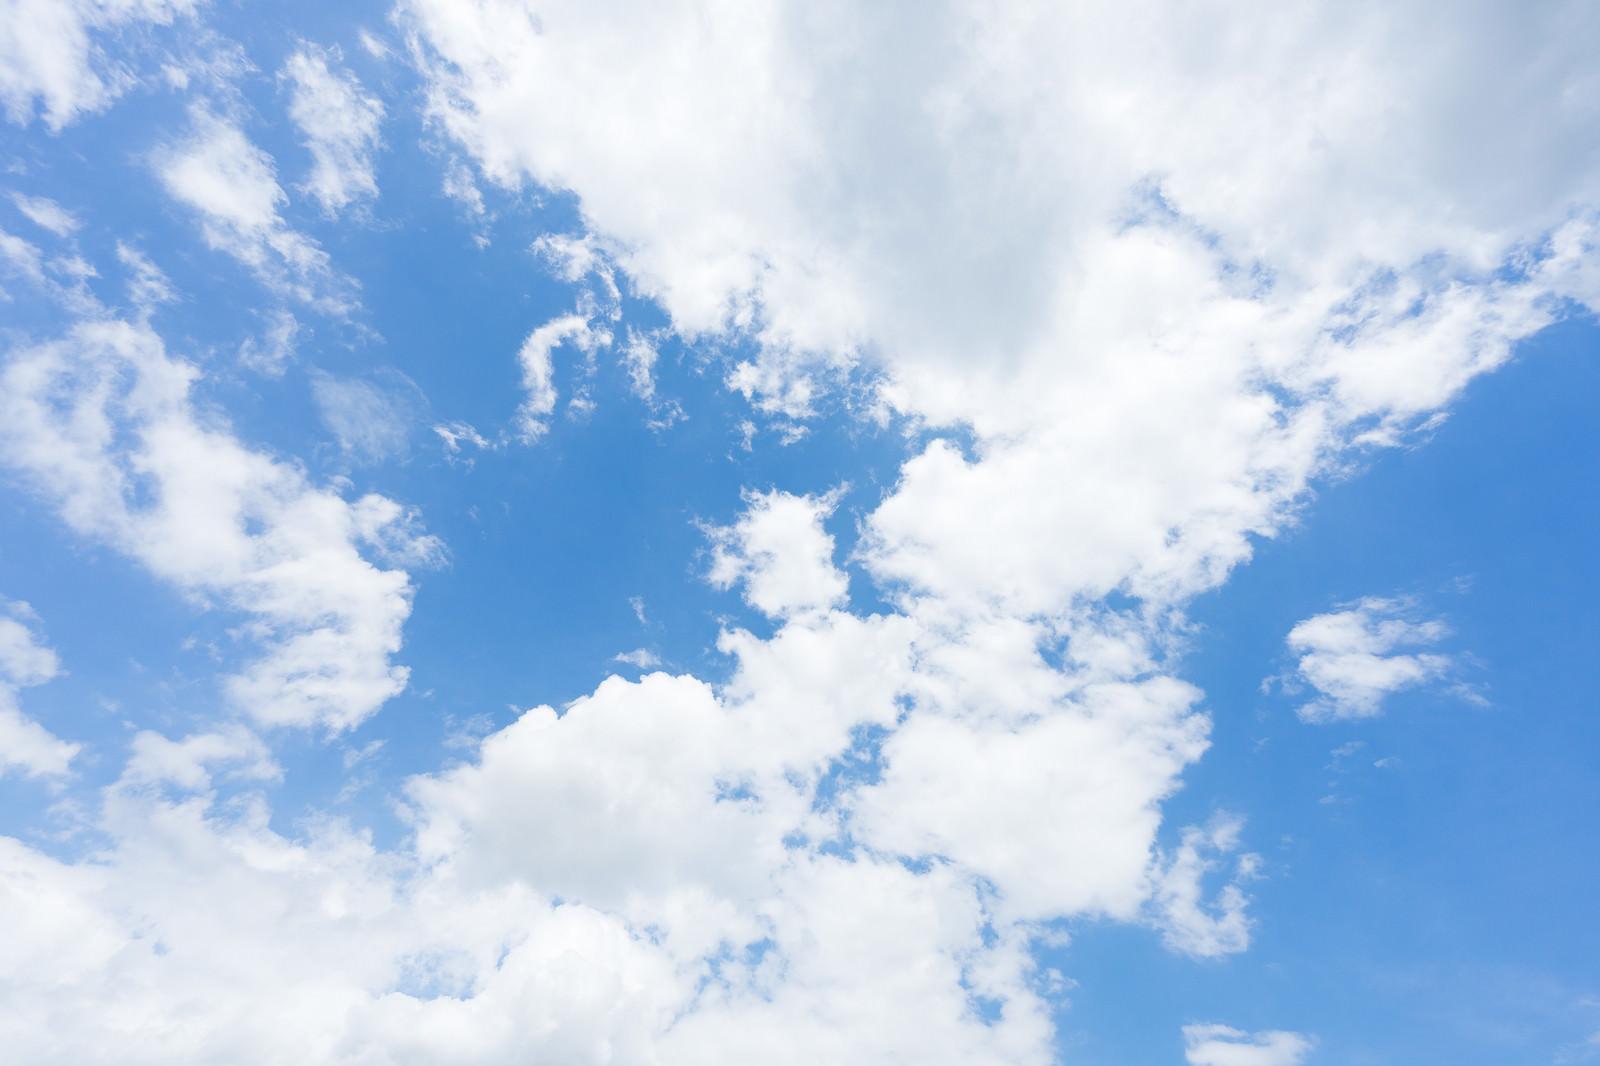 「青い空と曇青い空と曇」のフリー写真素材を拡大